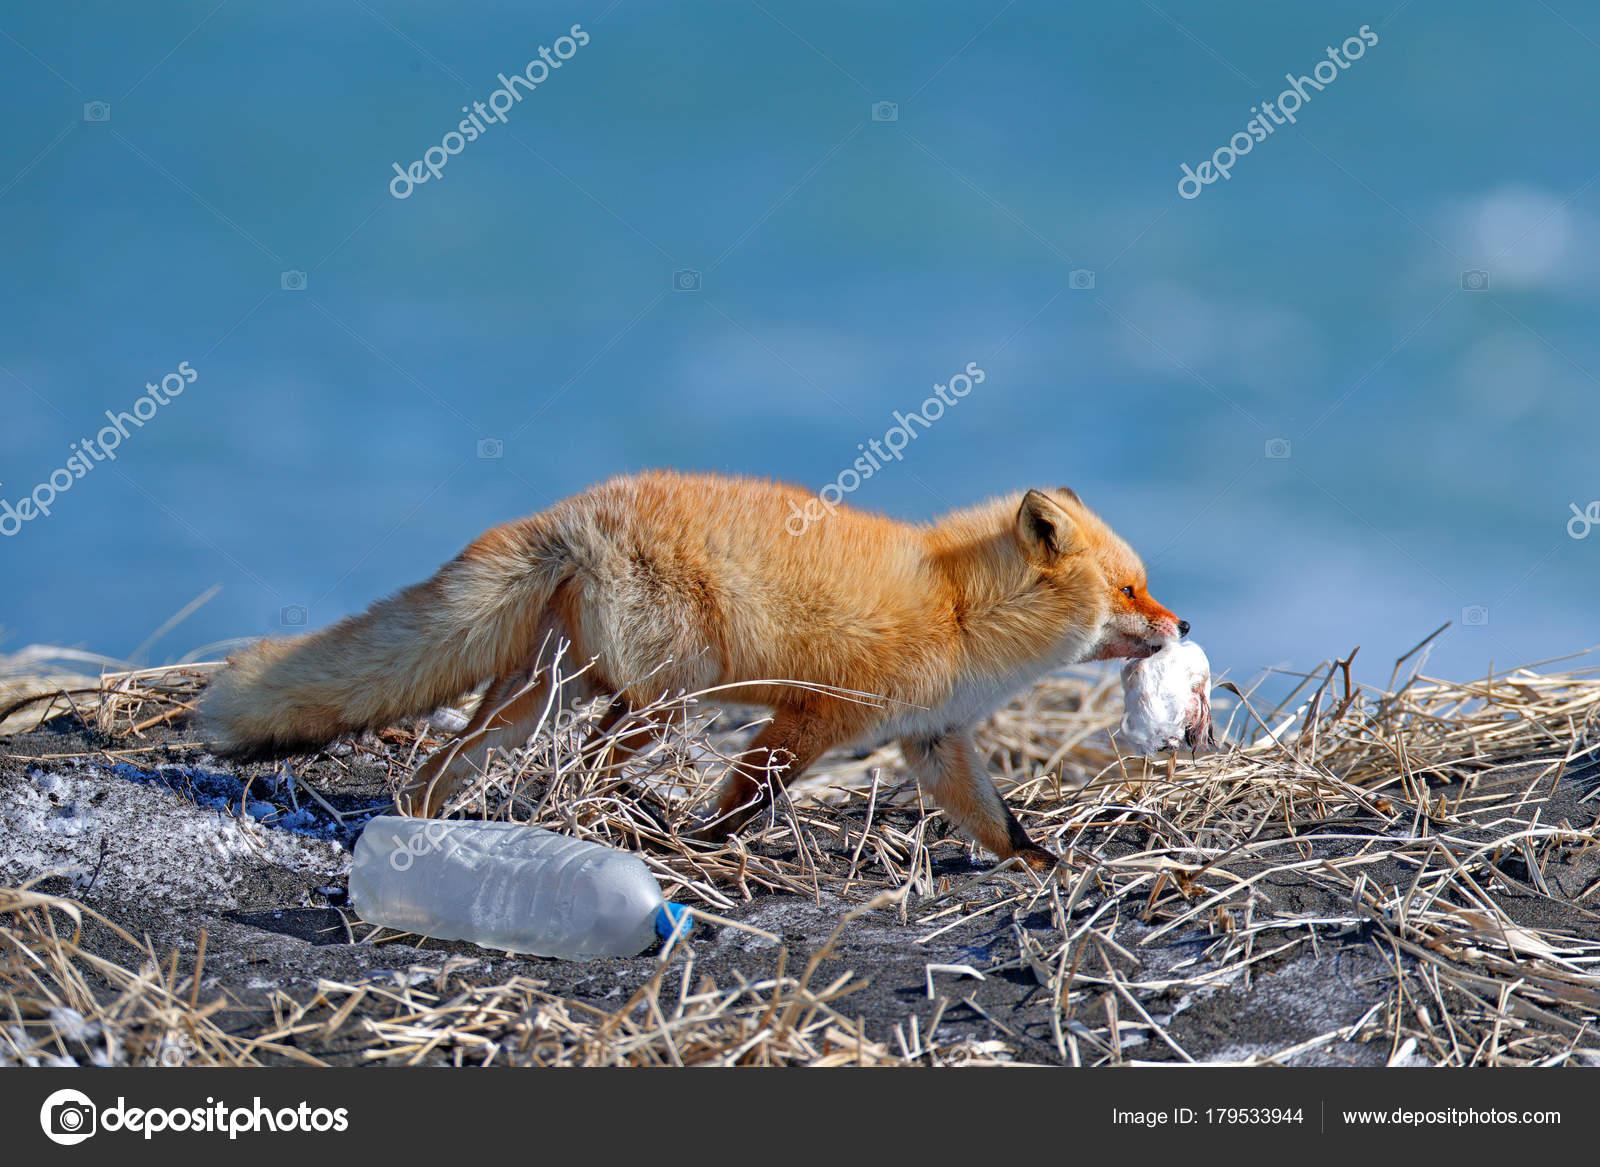 Rotfuchs Mit Haken Vogel Und Müll Plastikflasche Tierwelt Szene Aus